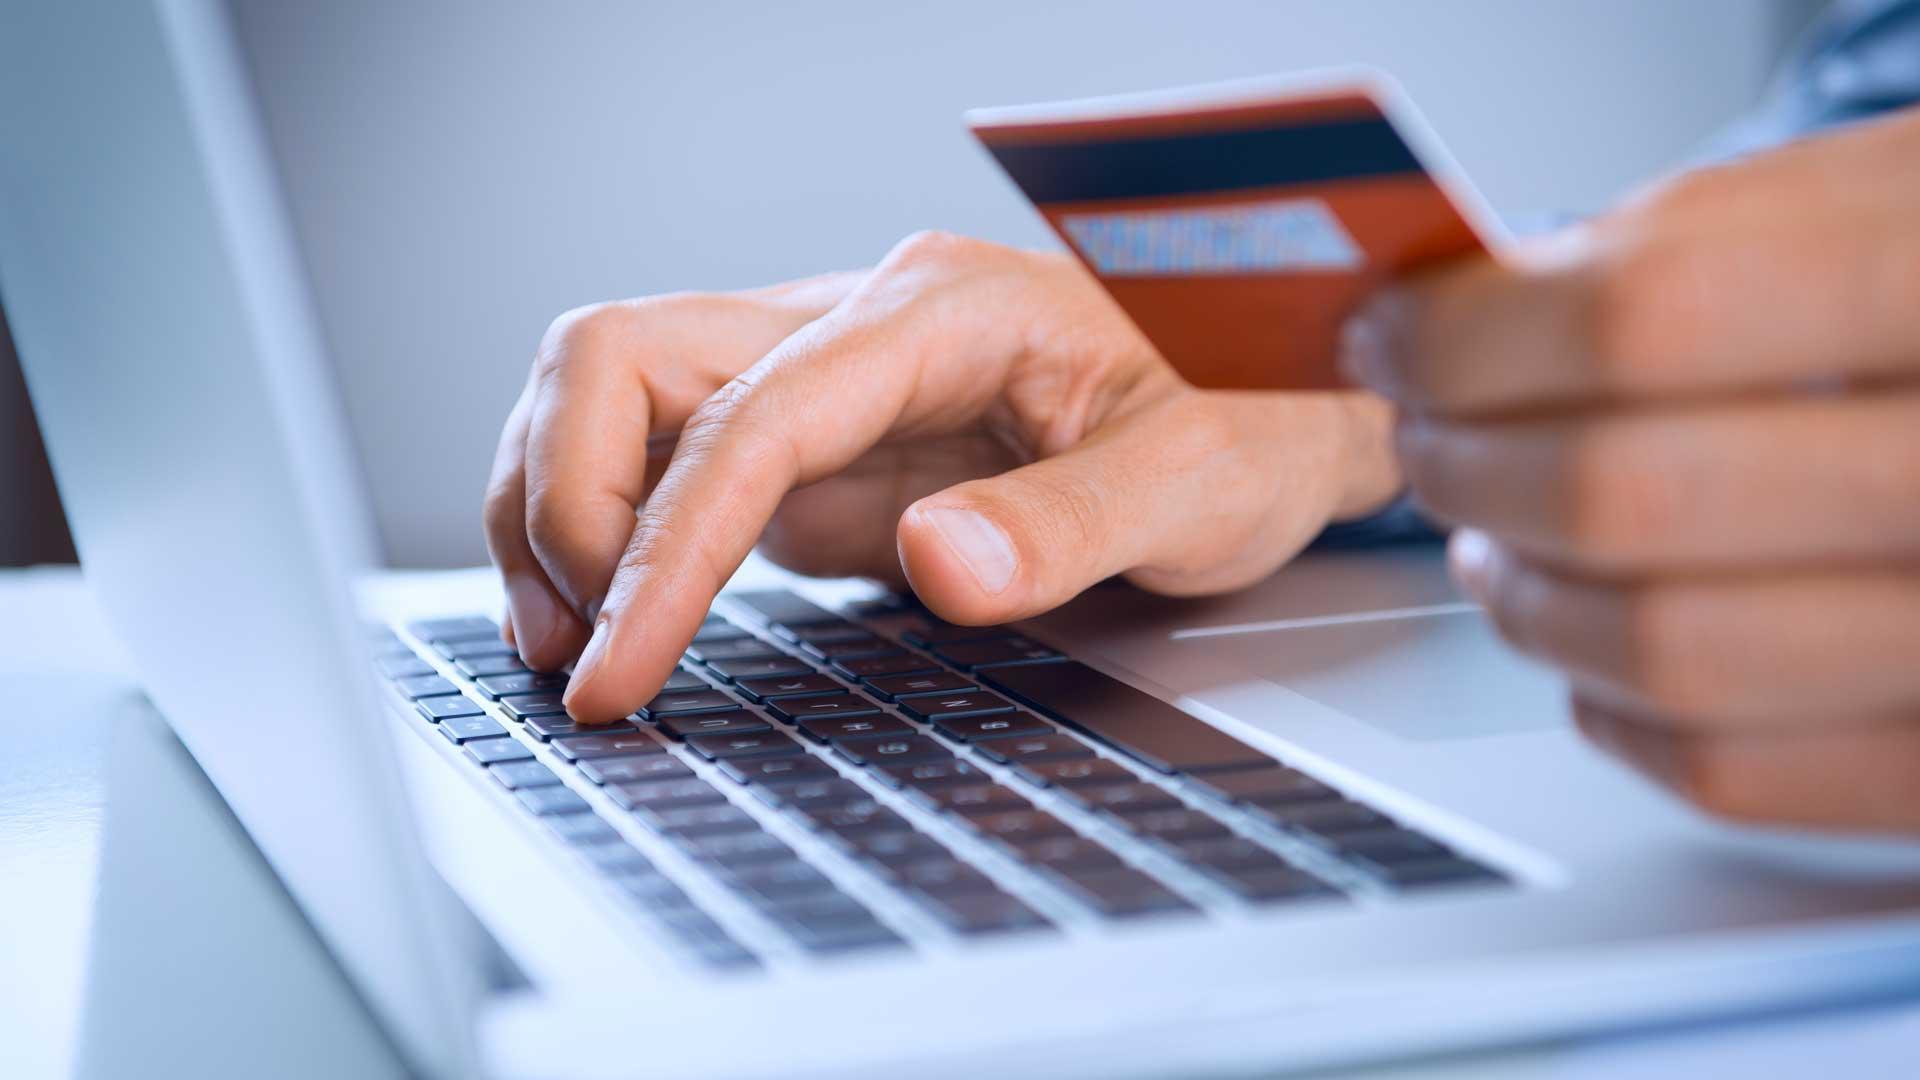 Как заказать кредитную карту сбербанка через приложение сбербанк онлайн с телефона